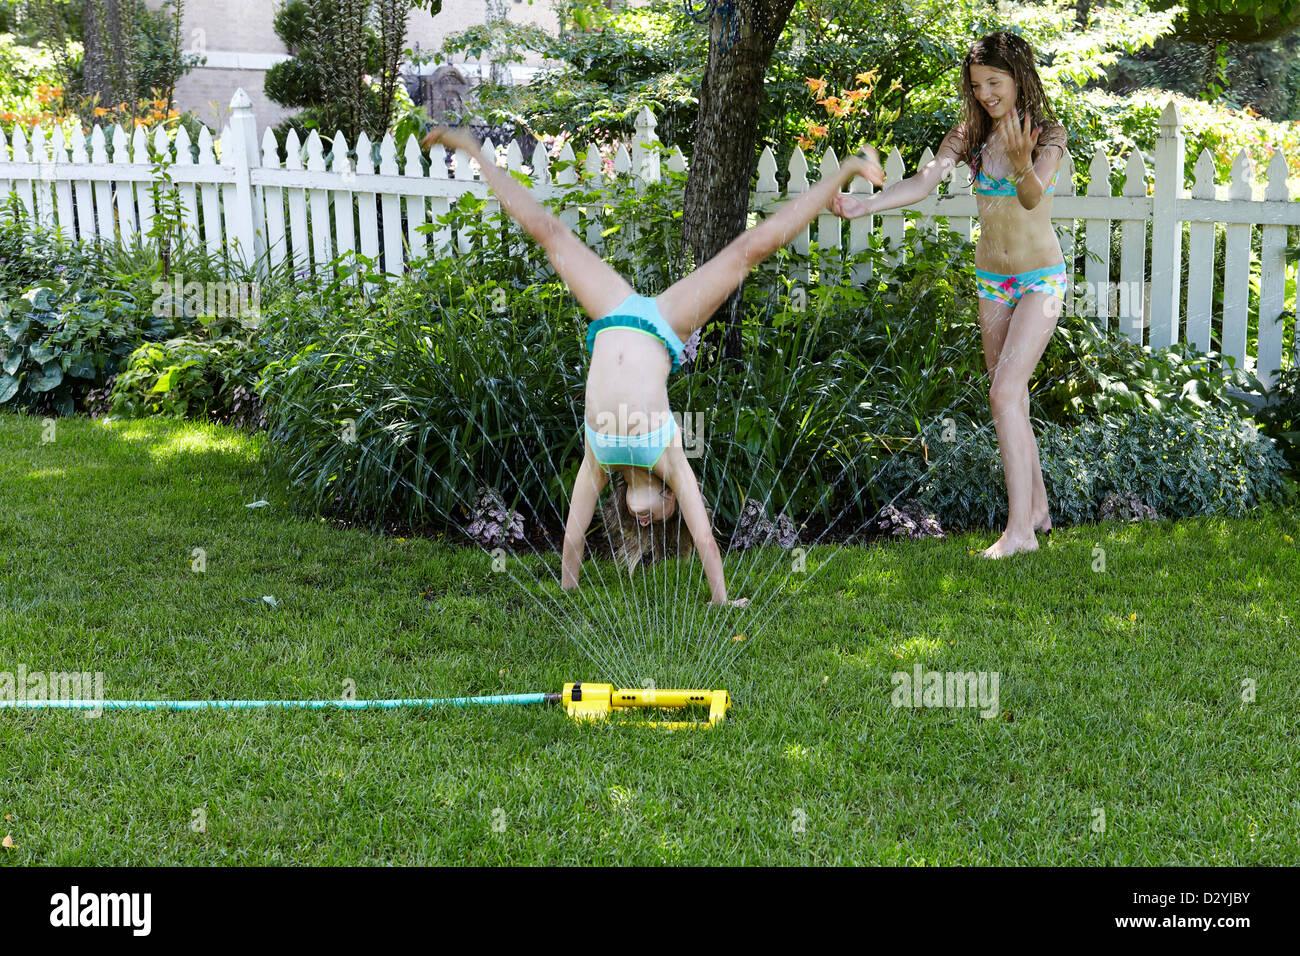 Sorelle giocando in acqua dagli sprinkler Immagini Stock